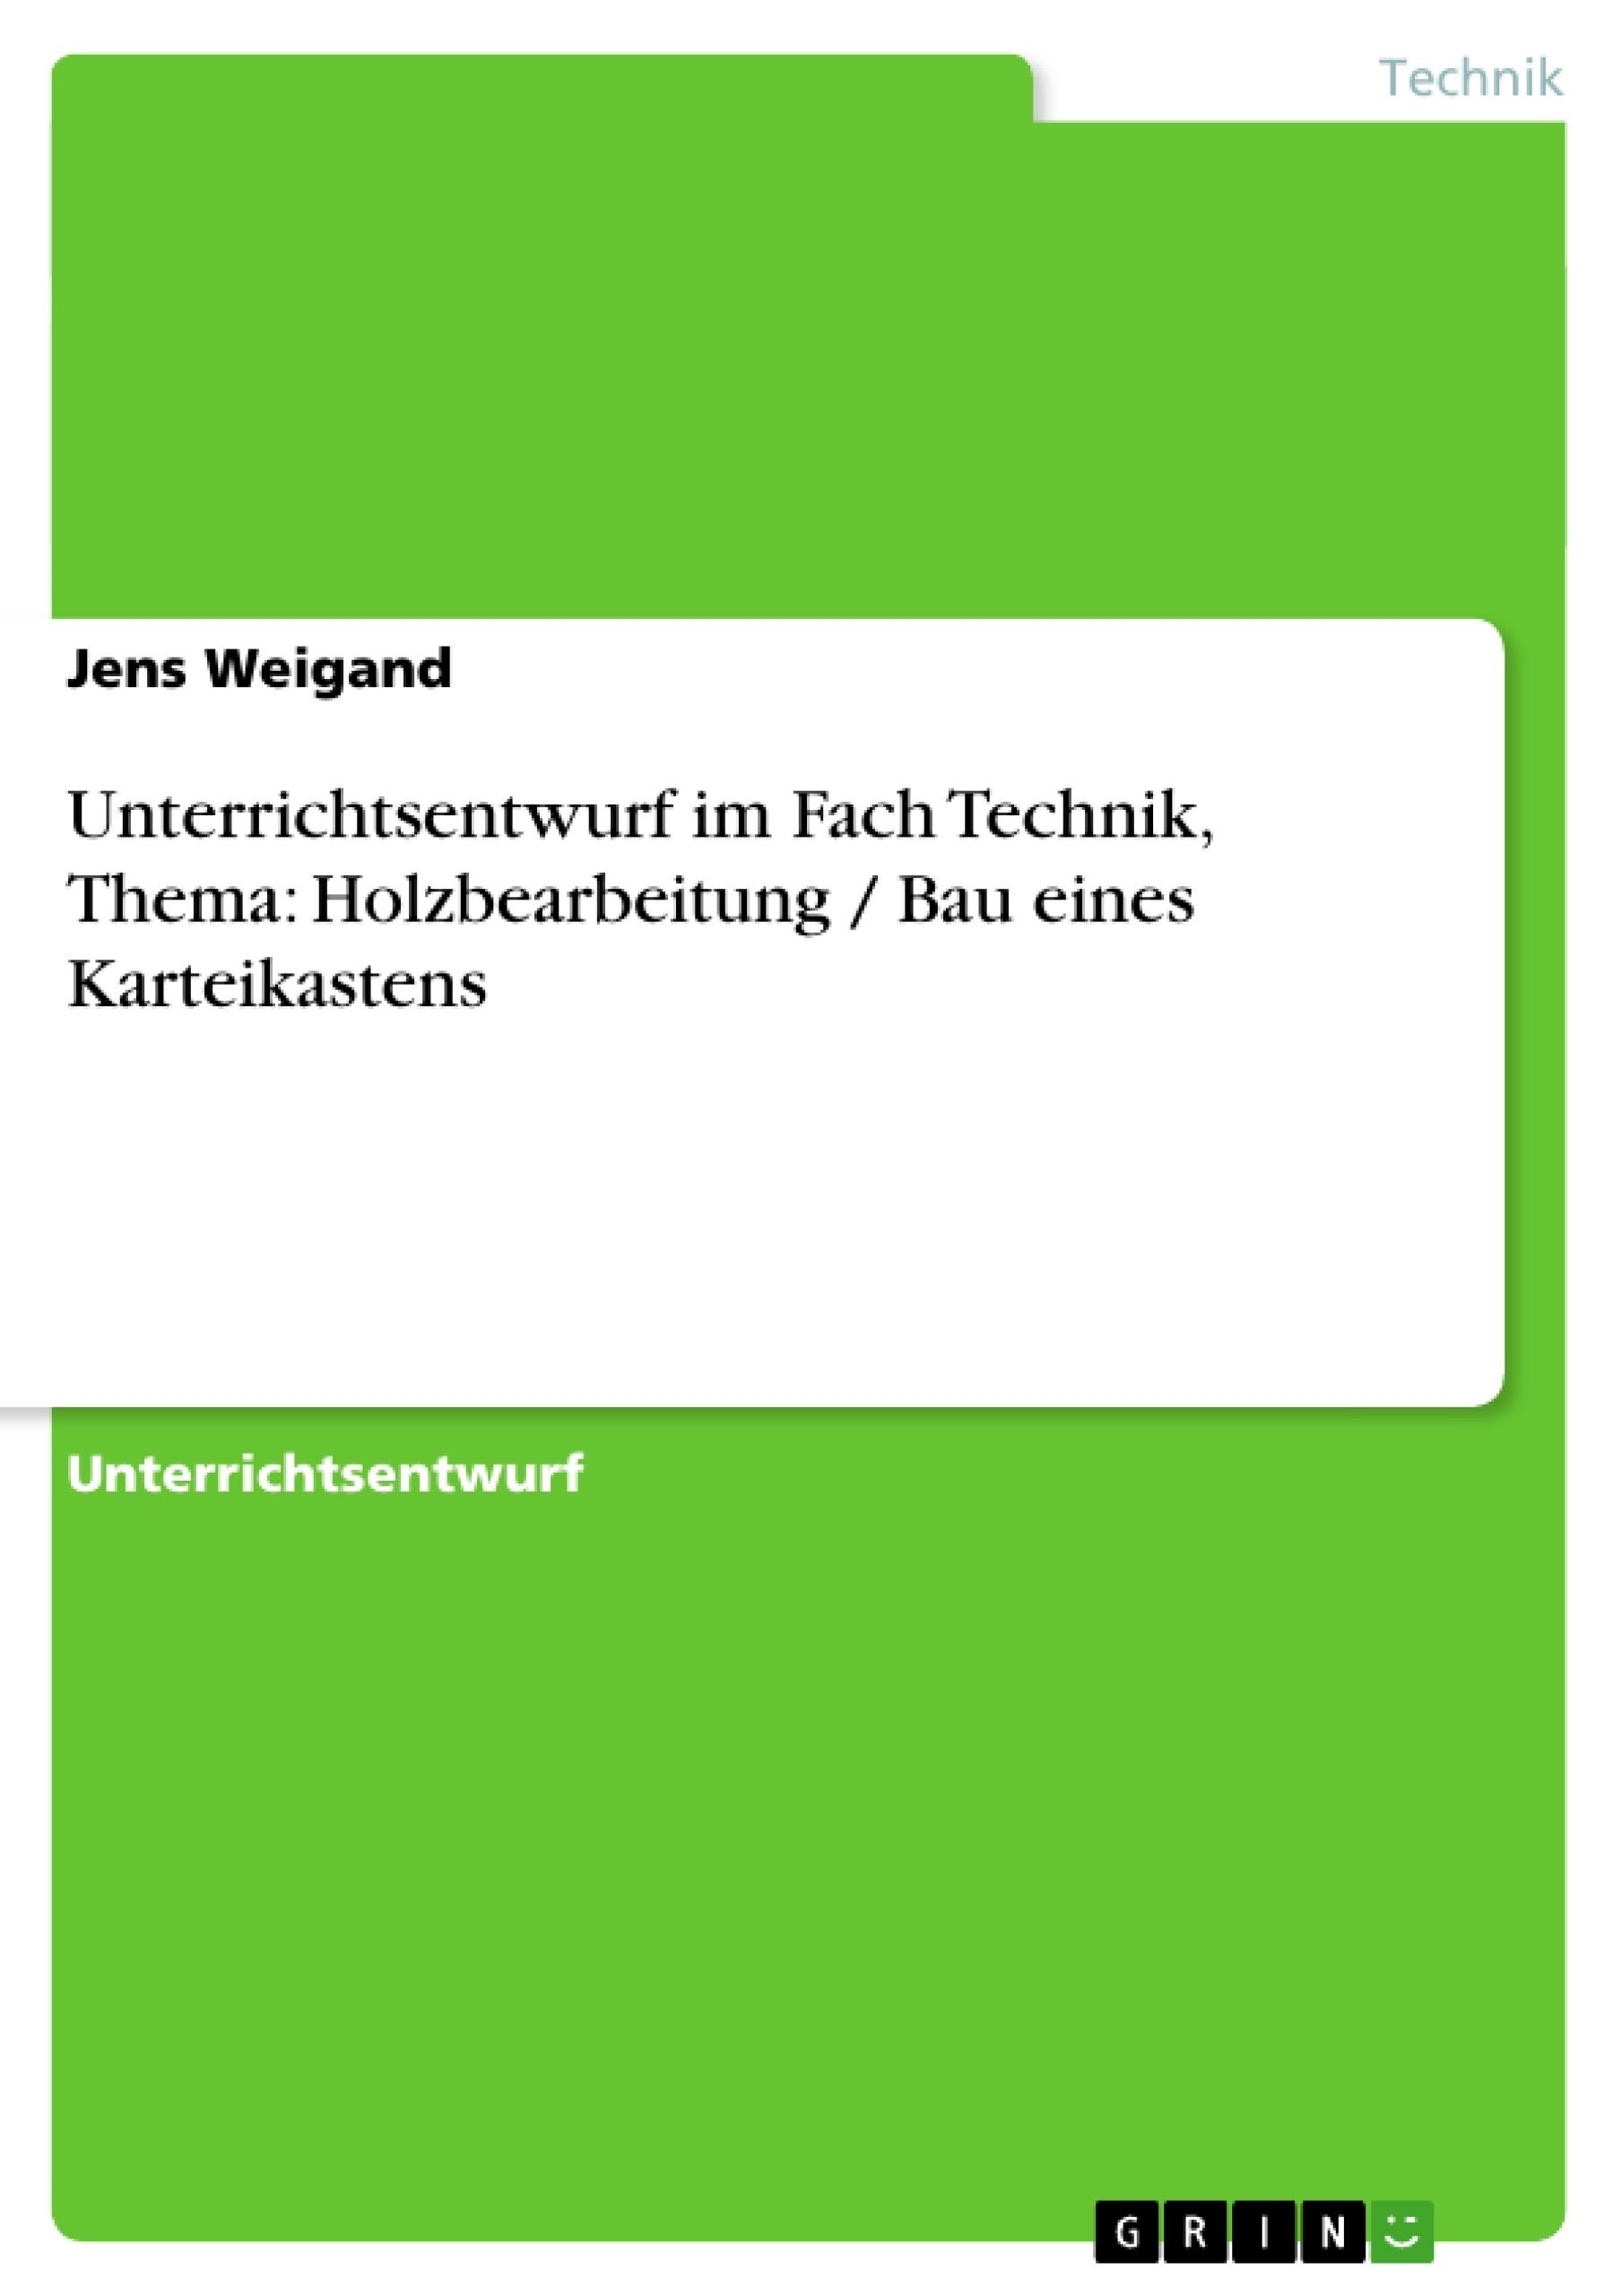 Titel: Unterrichtsentwurf im Fach Technik, Thema: Holzbearbeitung / Bau eines Karteikastens